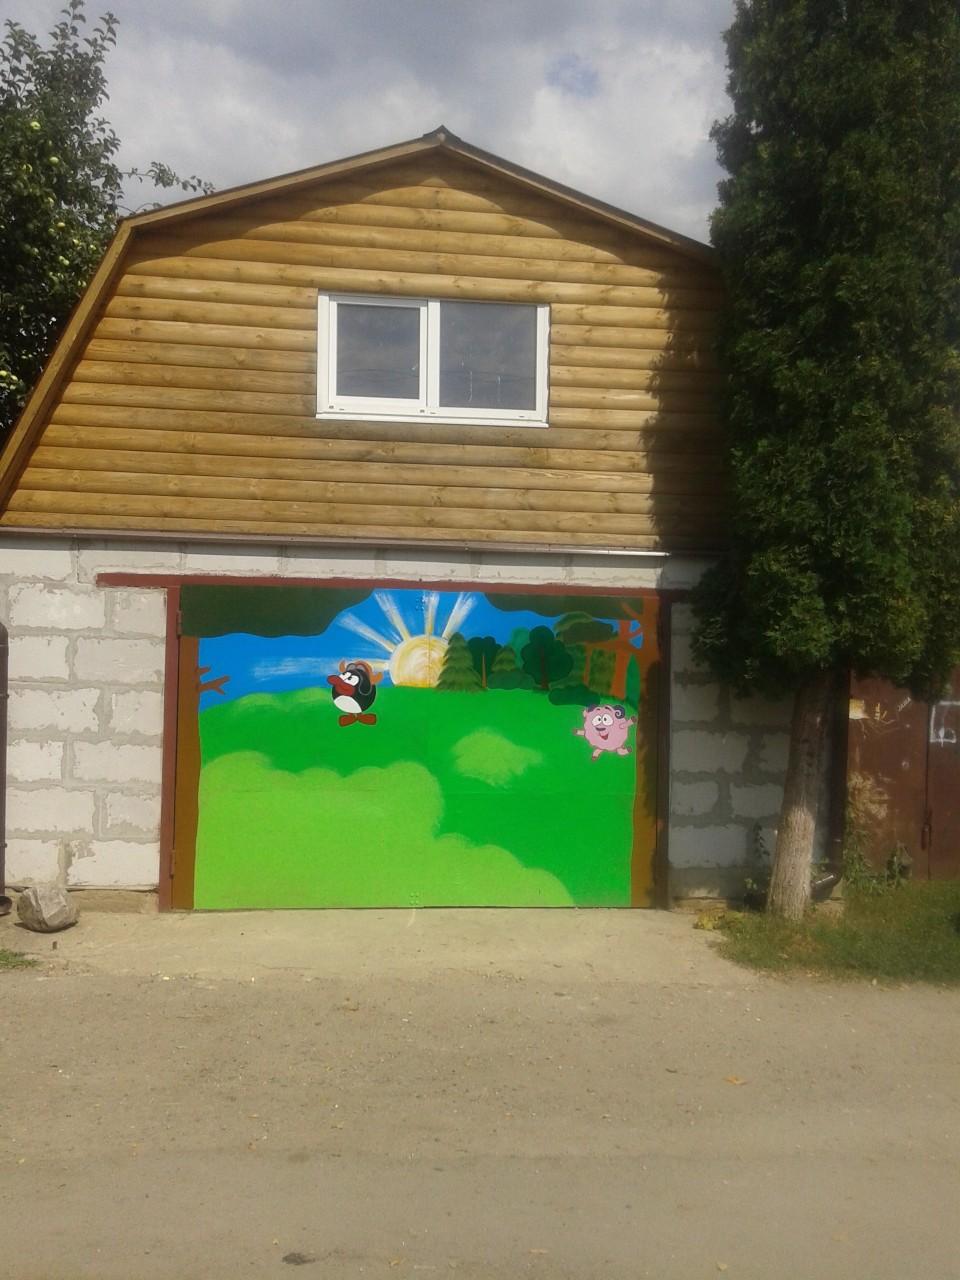 Смешарики & Гараж гараж, краски, смешарики.